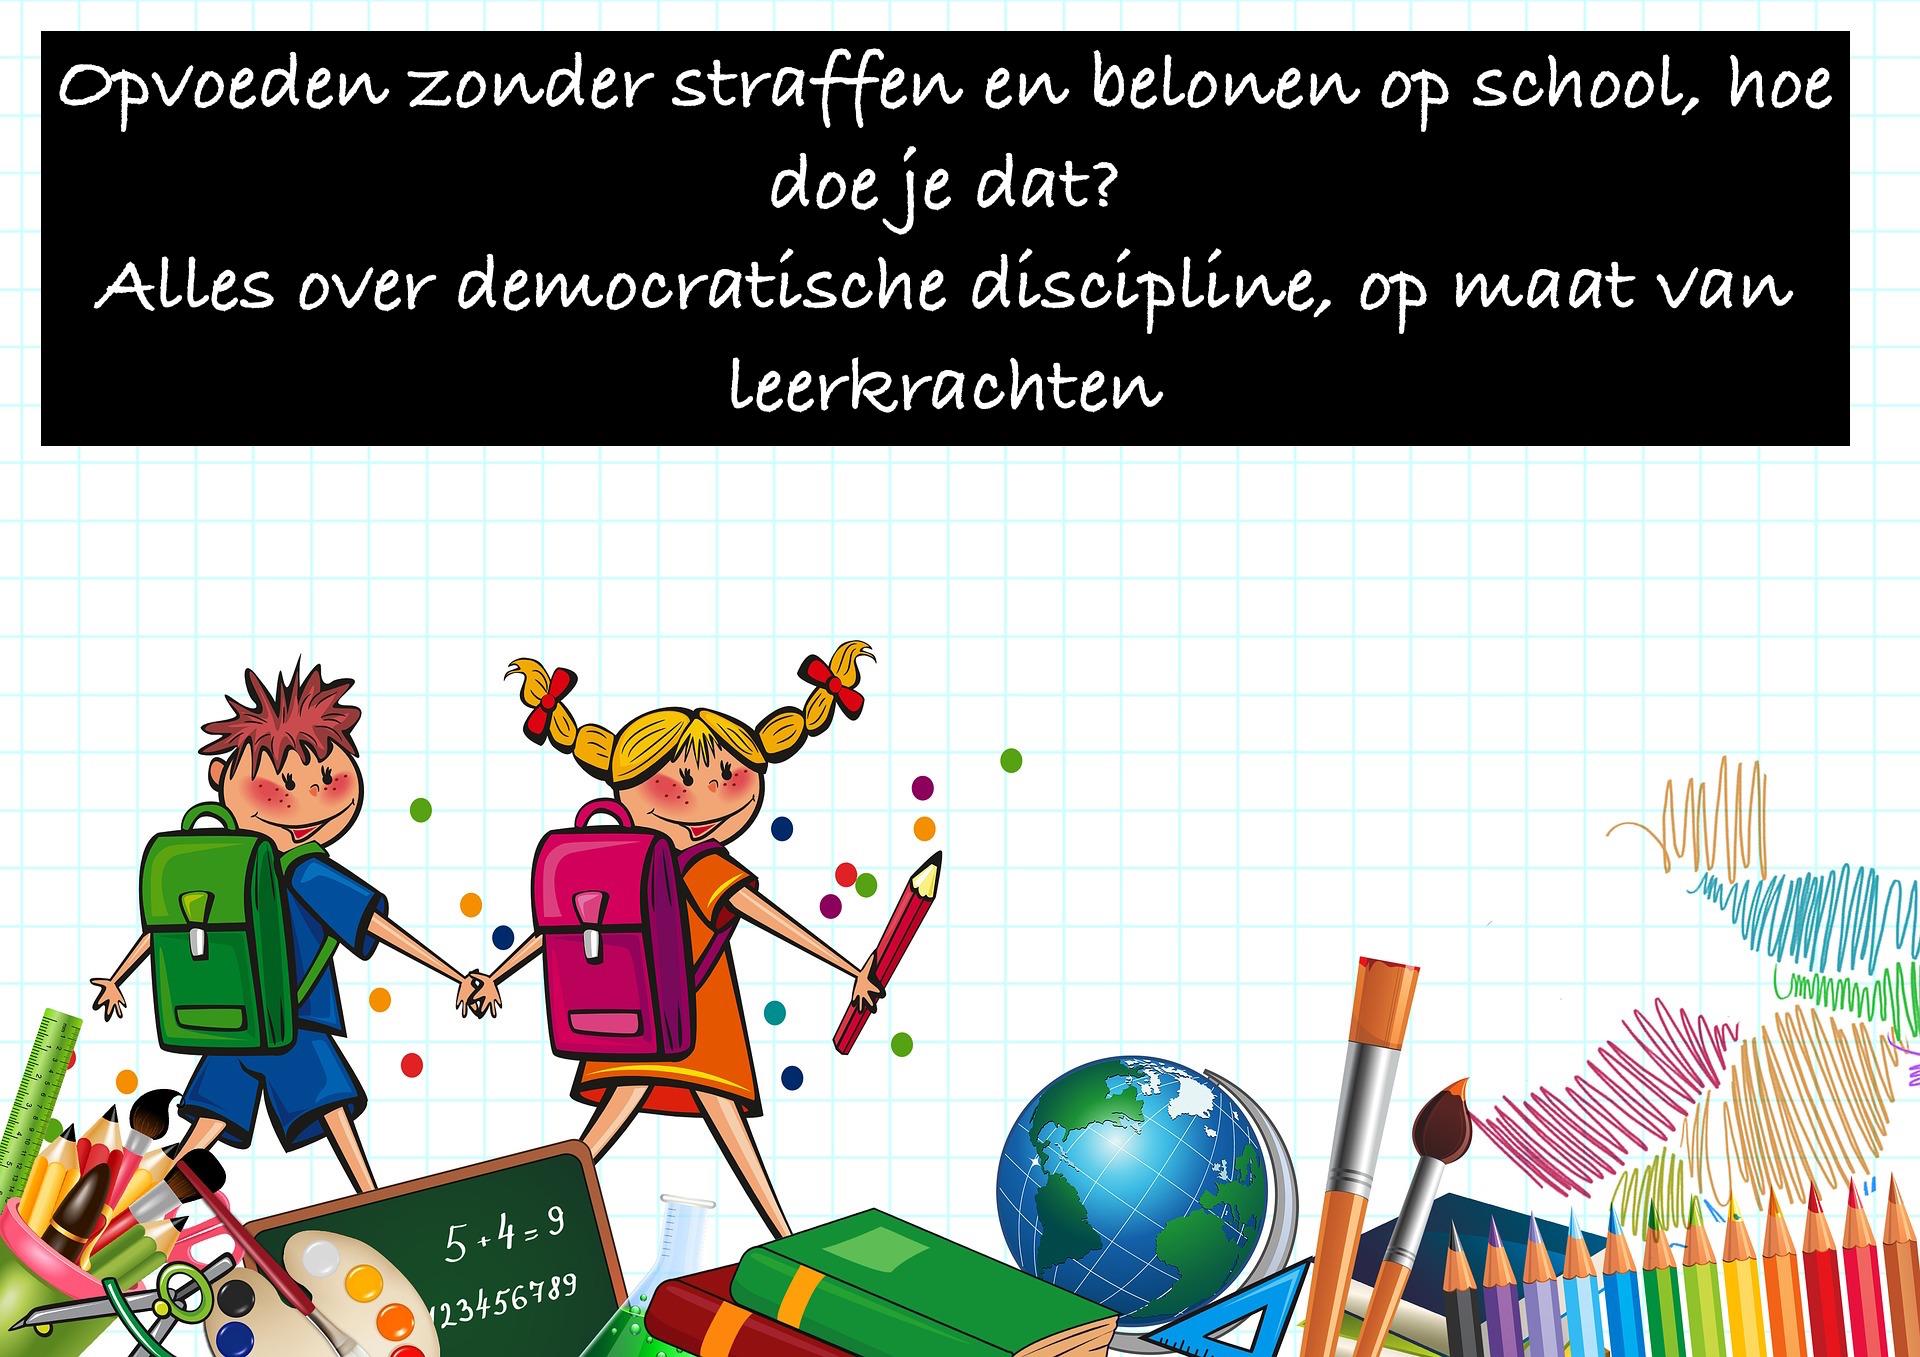 - Directies en leerkrachten ondersteunen om nog meer van het goede te geven, elke dag